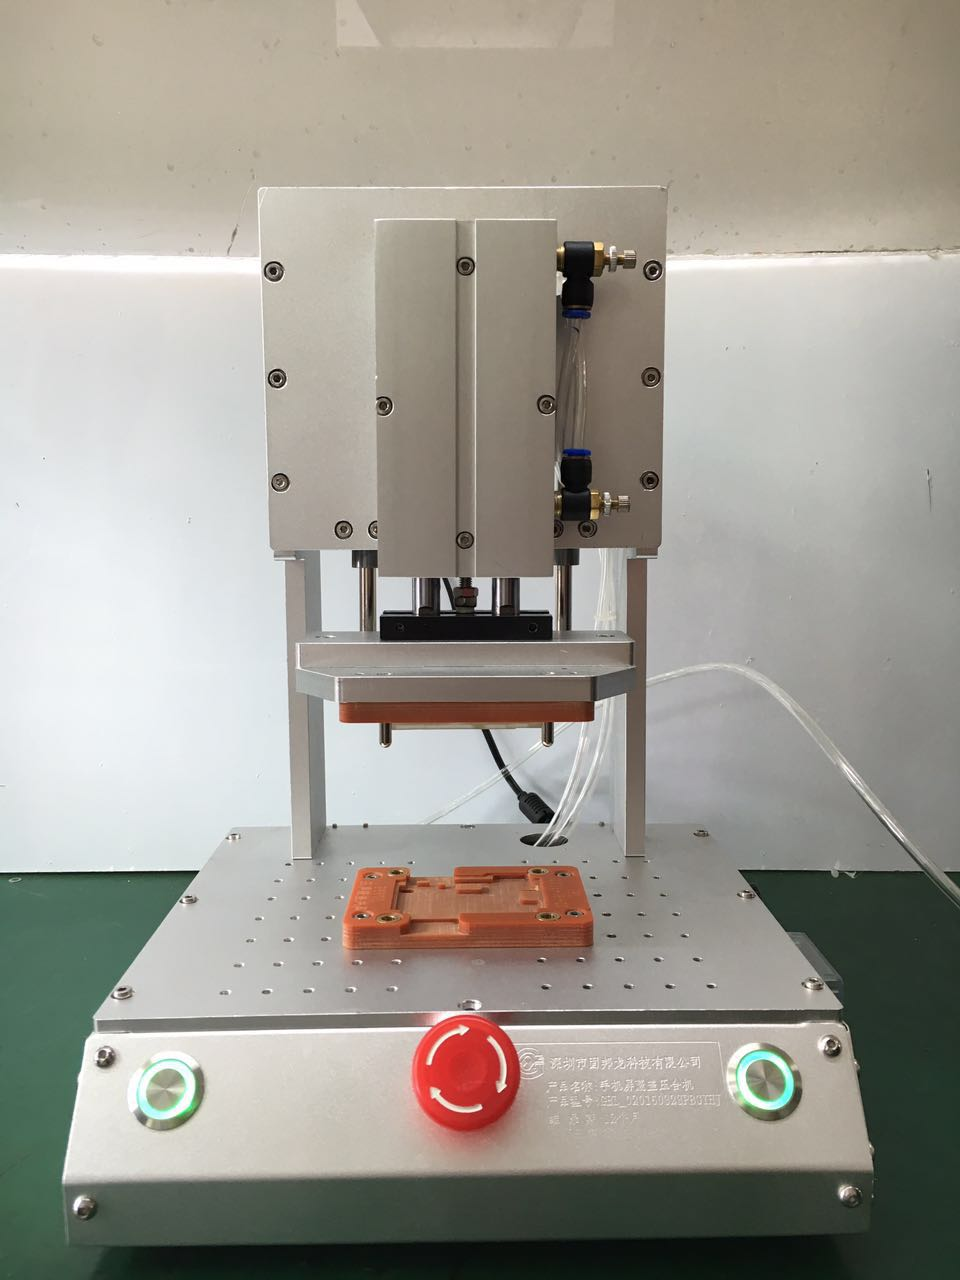 自动贴膜设备|自动贴膜机|贴膜生产设备|全自动贴膜机